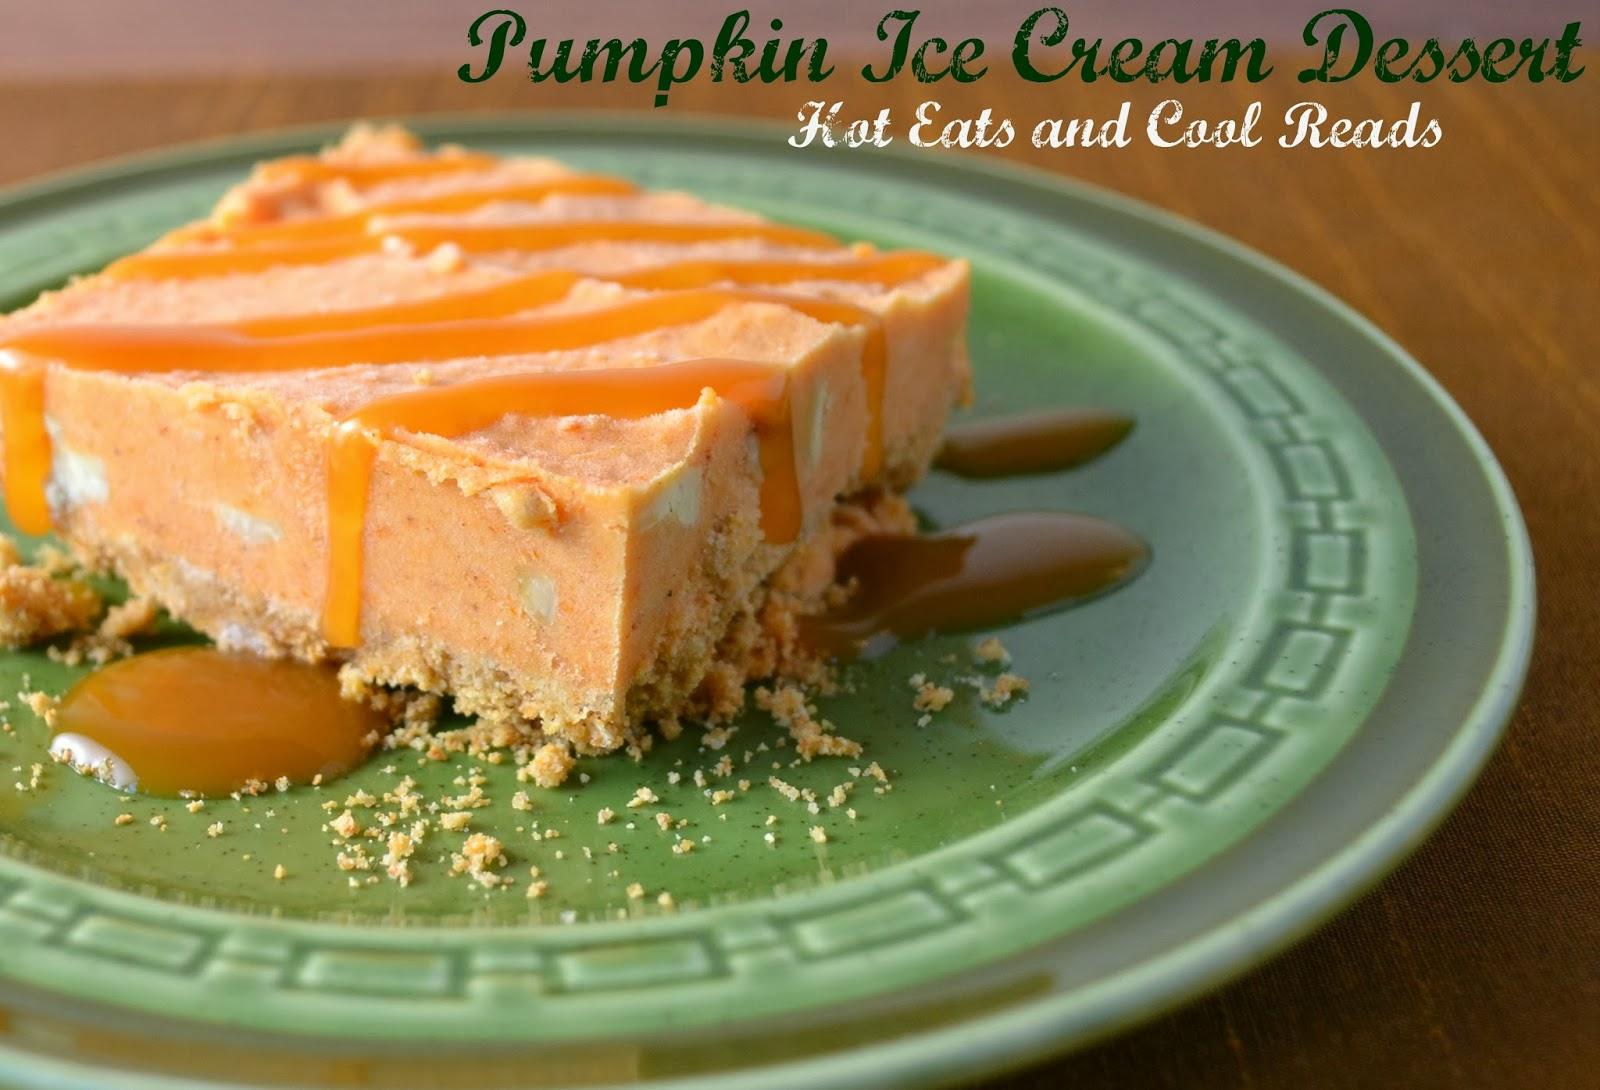 Hot Eats and Cool Reads: Pumpkin Ice Cream Dessert Recipe